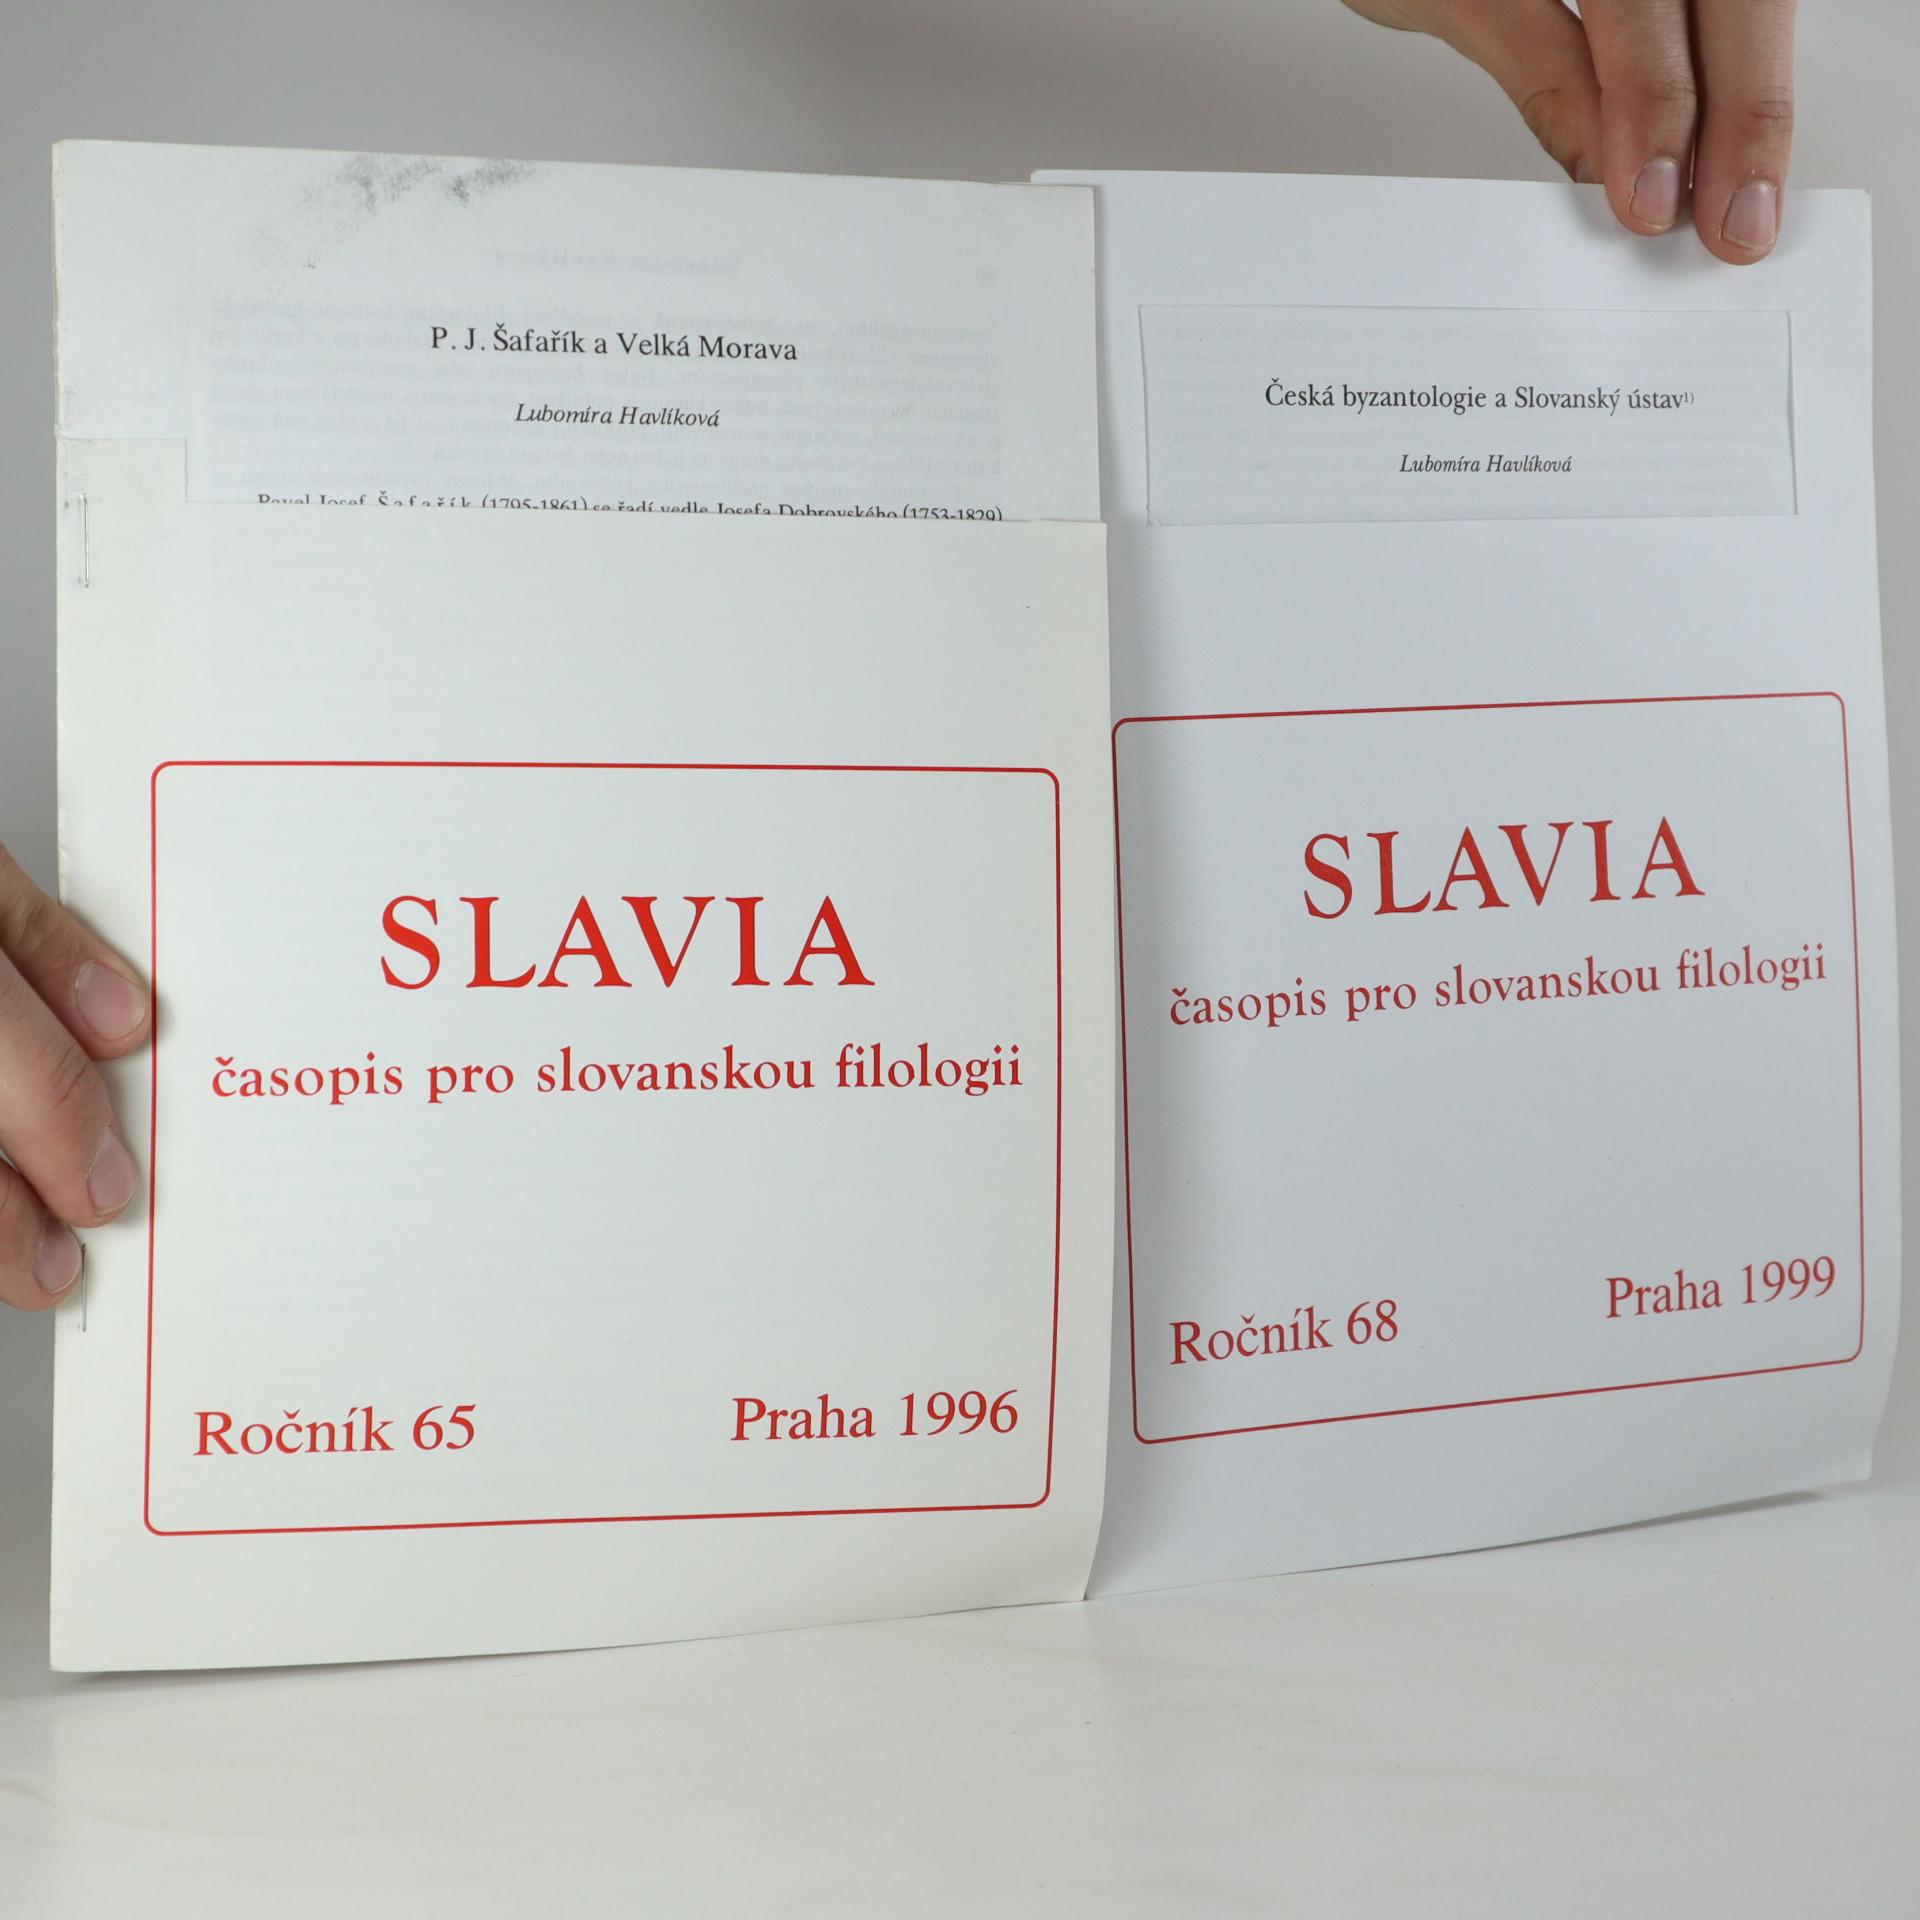 antikvární kniha Slavia (ročník 65 a 68), 1996, 1999